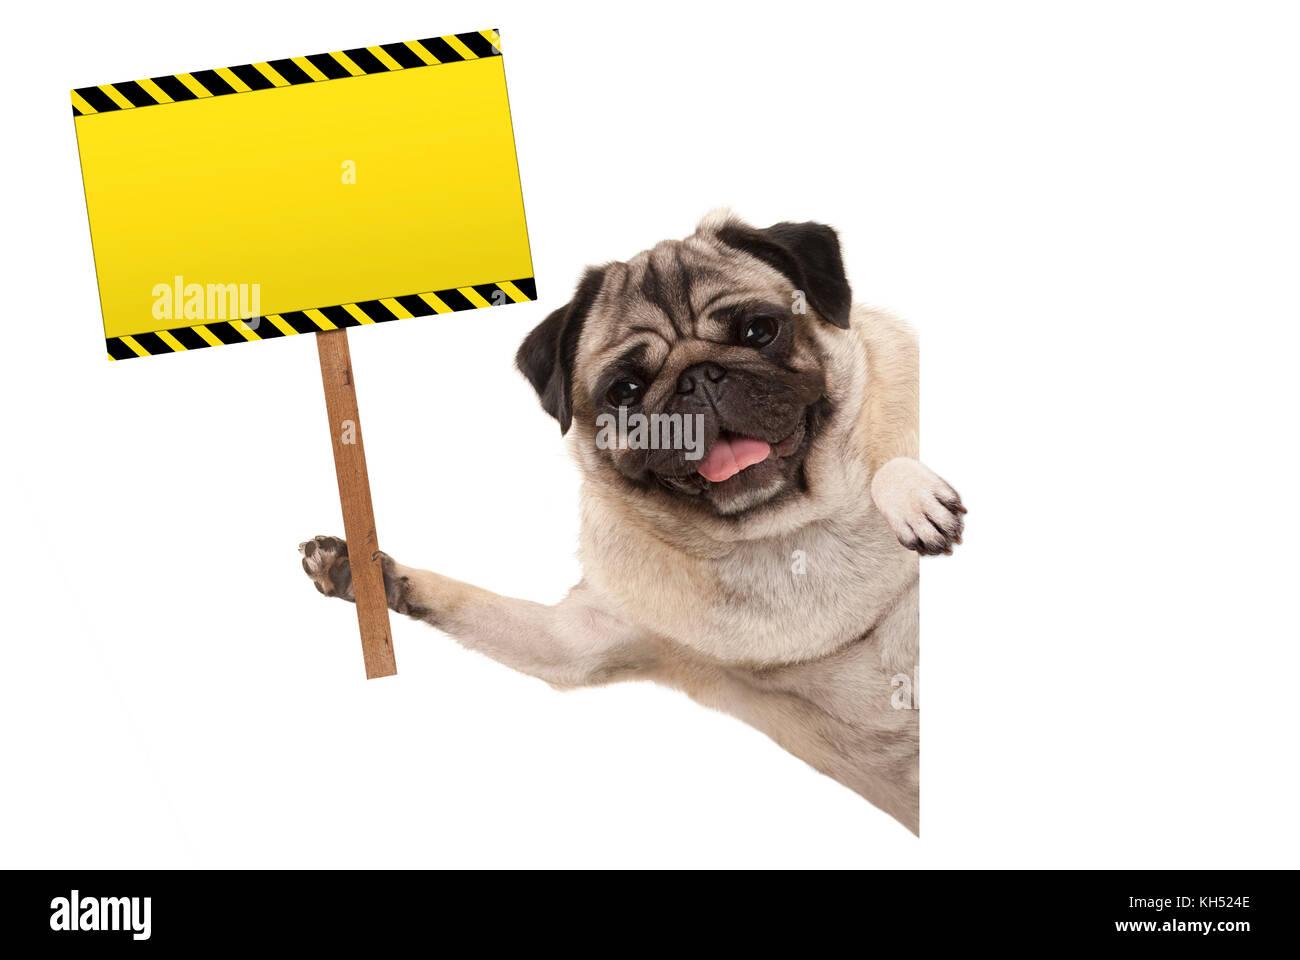 smiling pug puppy dog holding up blank rectangular  yellow warning sign, isolated on white background - Stock Image